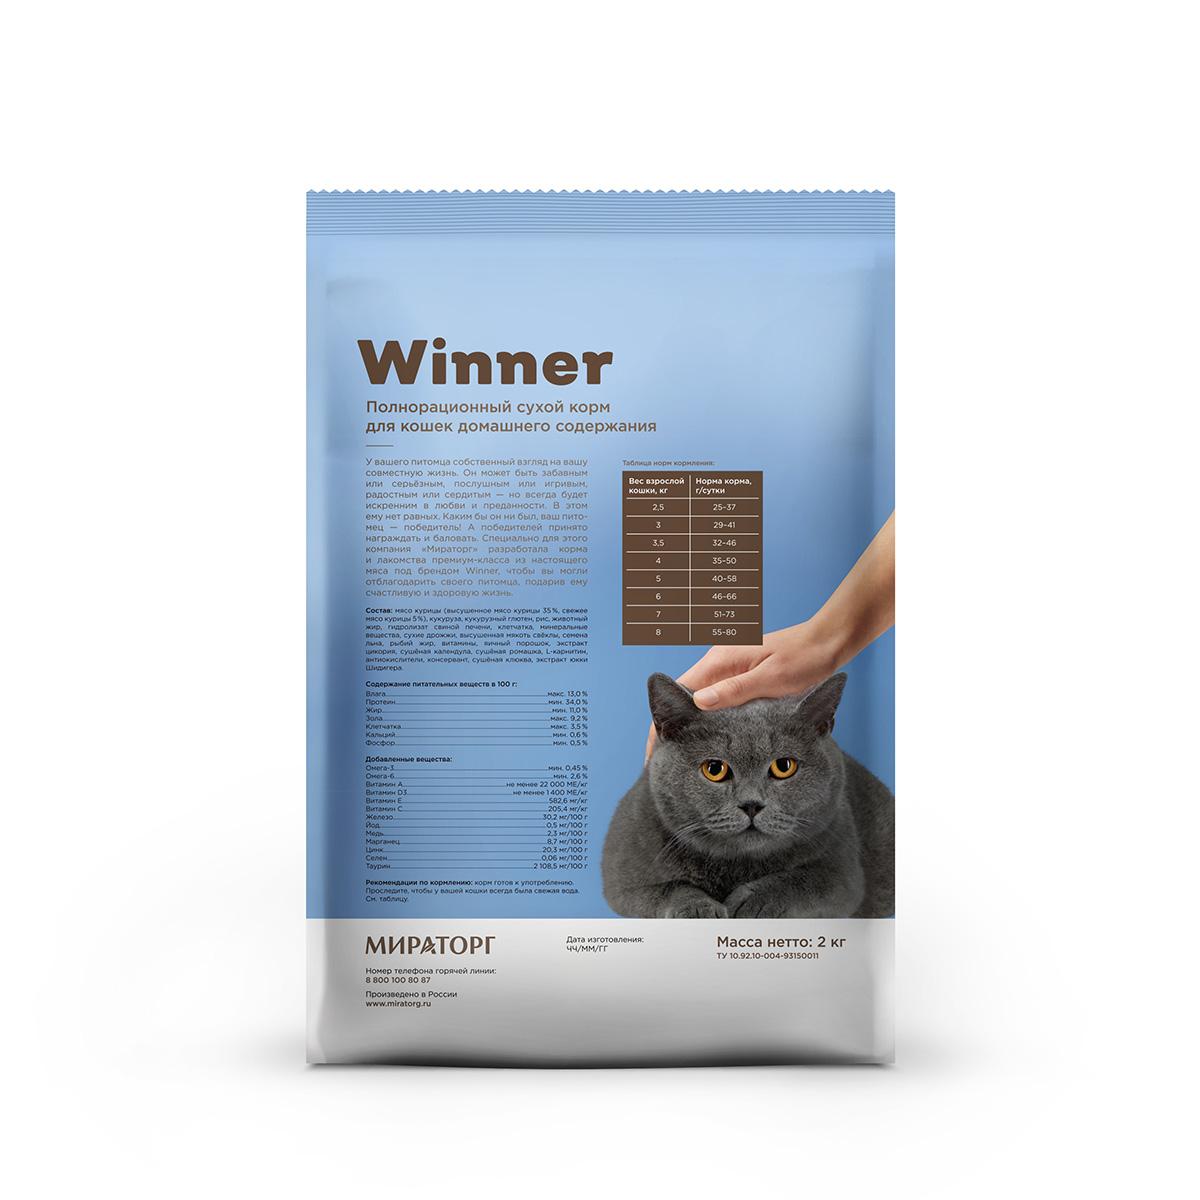 Полнорационный сухой корм для кошек домашнего содержания из курицы 2 кг